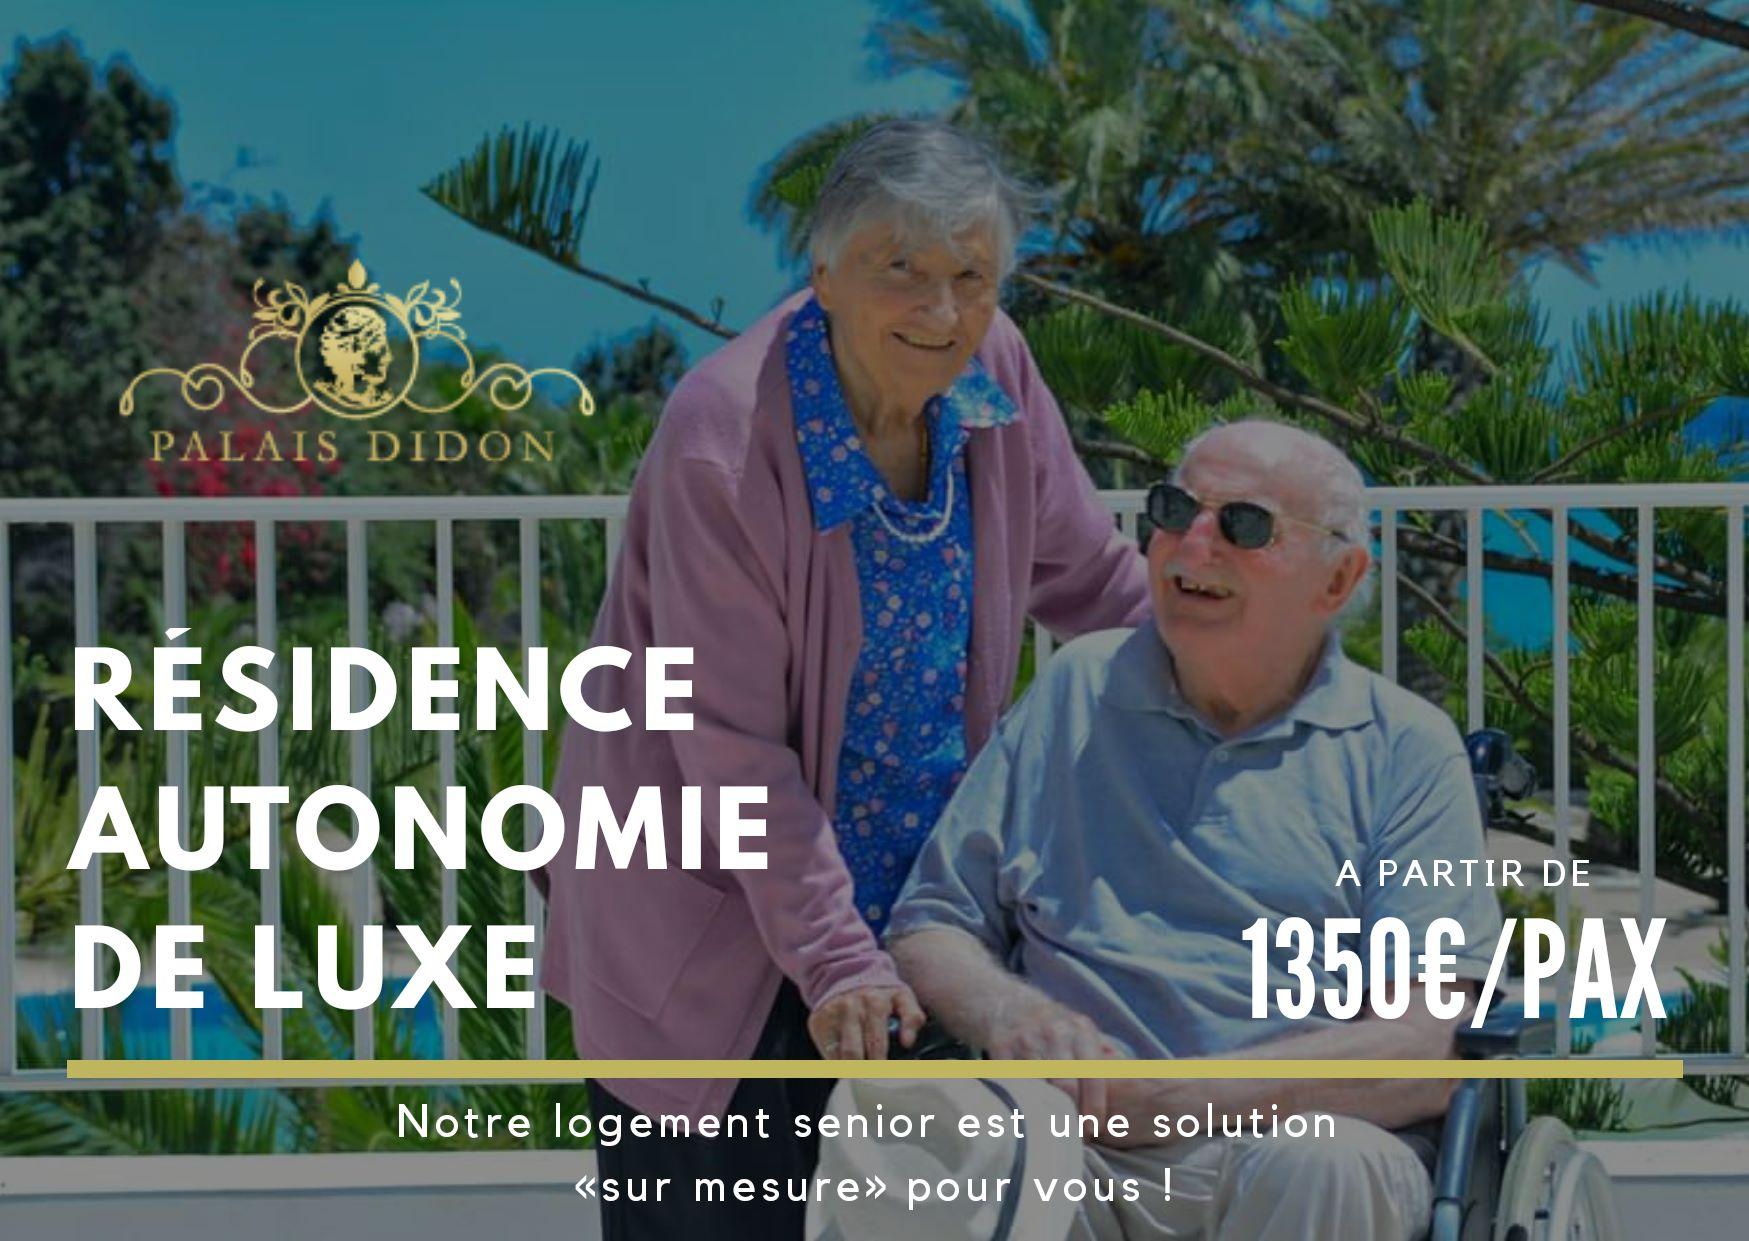 offre residence autonomie couple - Promo Couple autonome